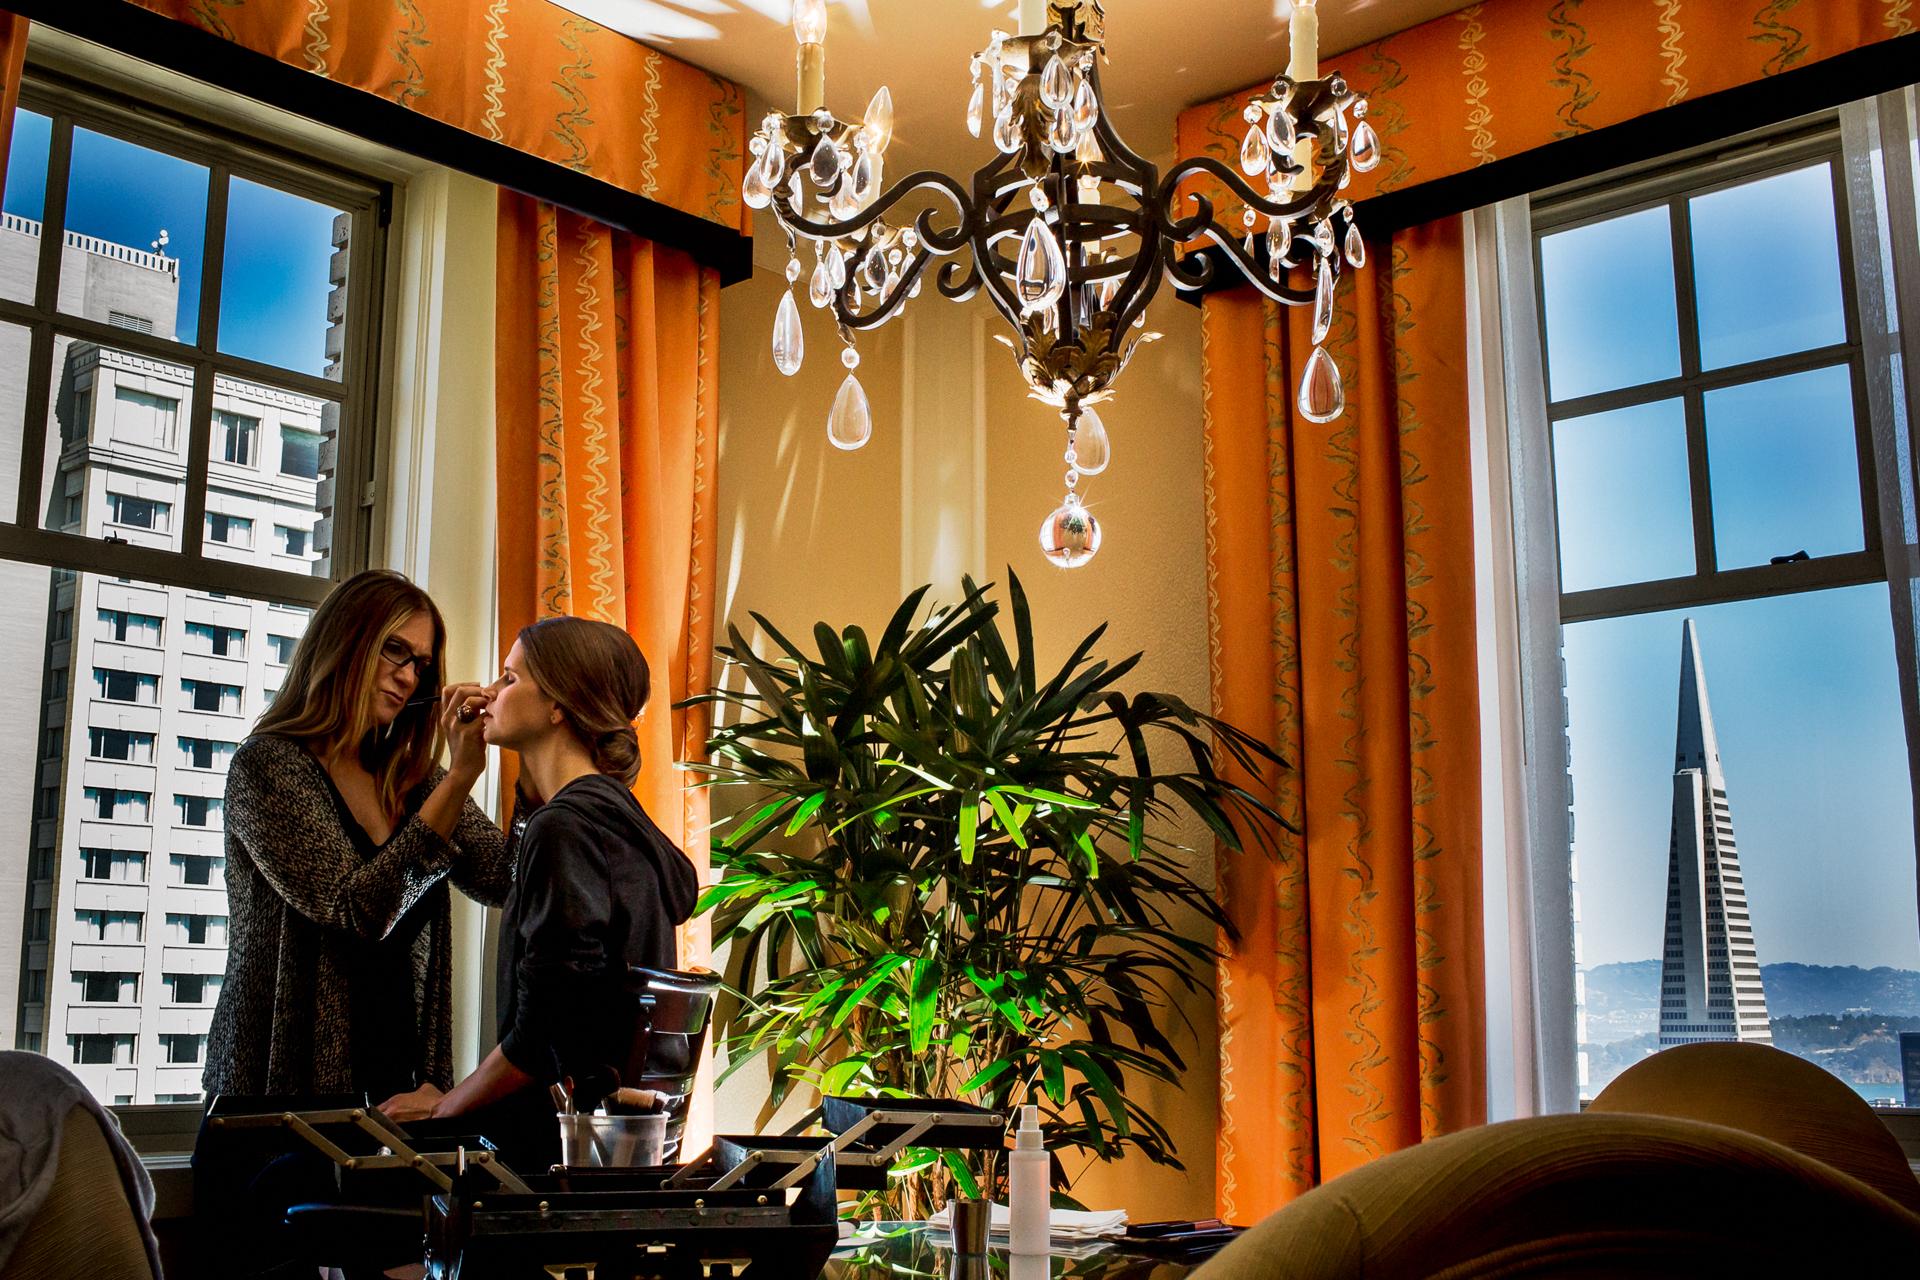 San Francisco, CA Imágenes de Elopement   La novia preparándose en una suite clásica de hotel en Nob Hill con una hermosa vista del centro de San Francisco